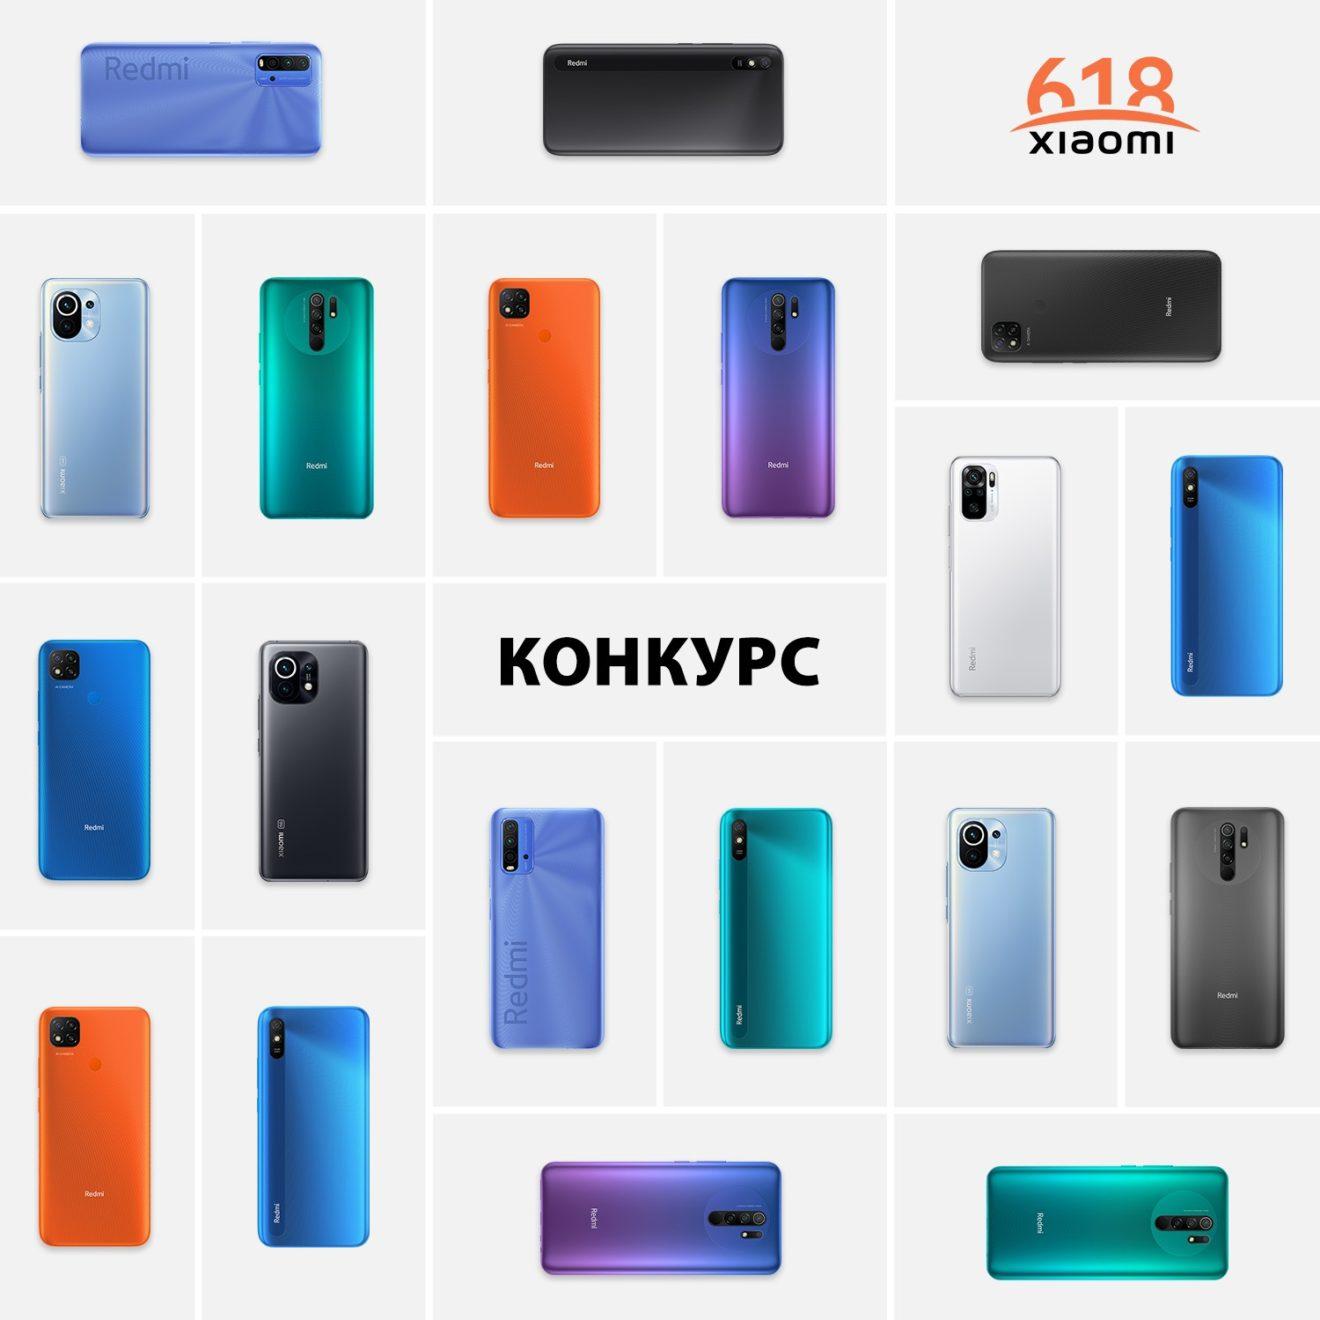 Конкурс Xiaomi.Russia честь «Самой Большой Распродажи Года